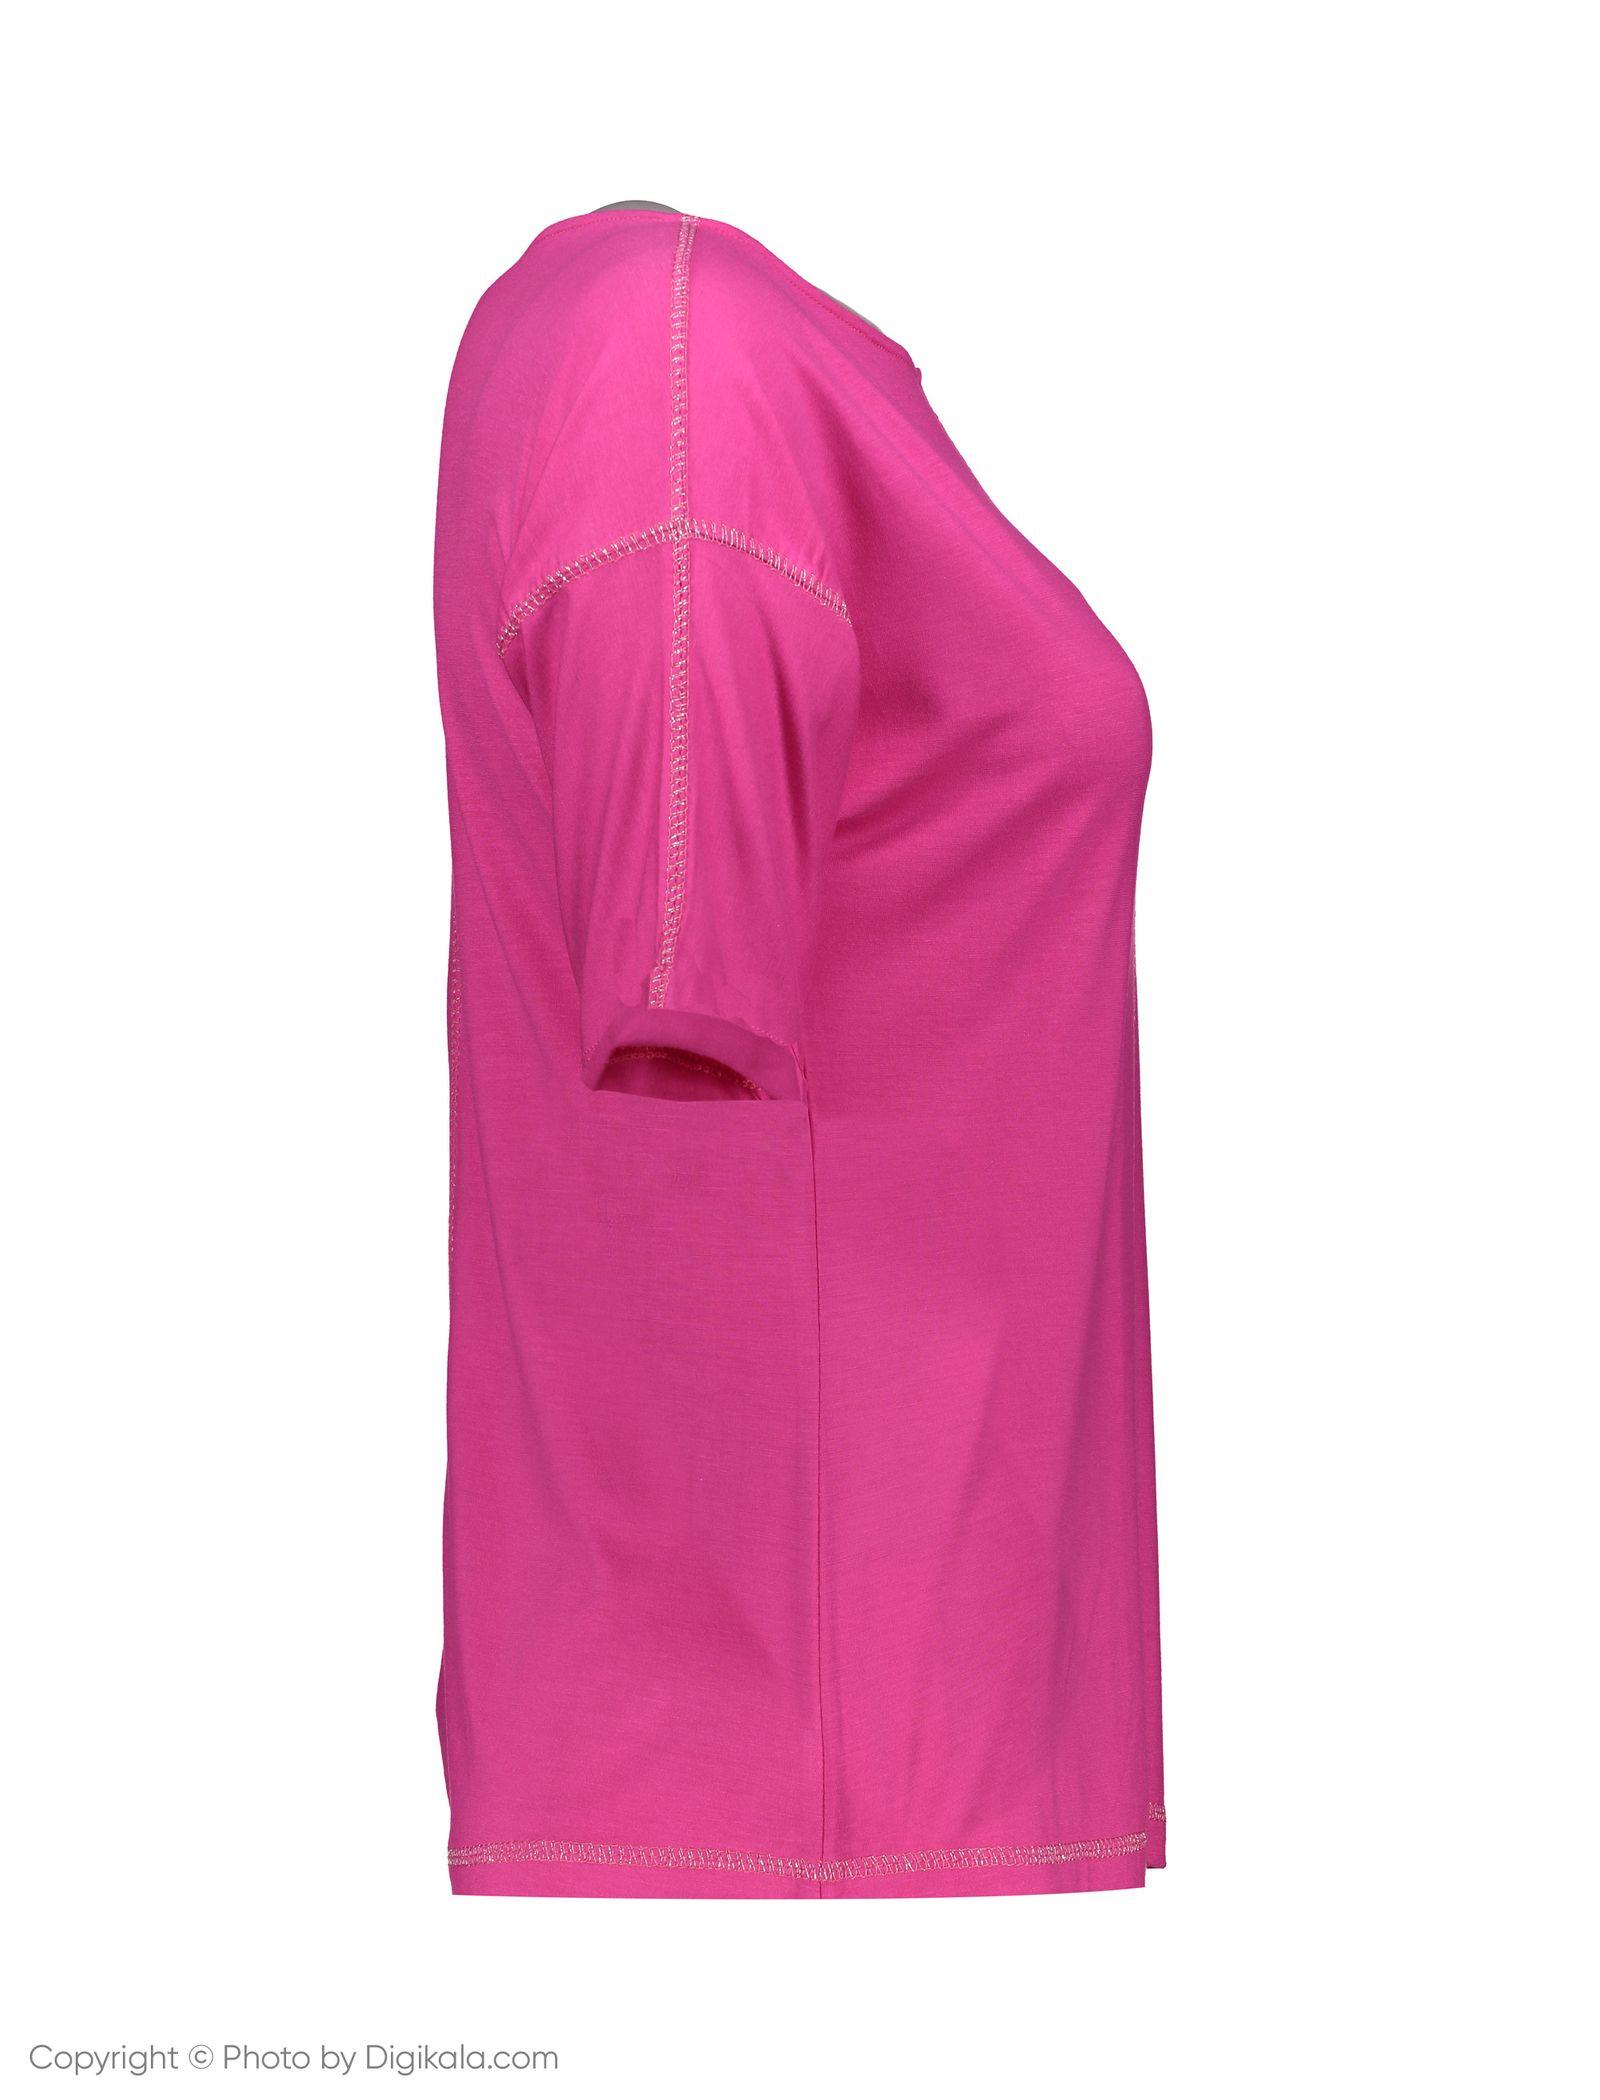 تی شرت زنانه گارودی مدل 1003103022-75 -  - 2